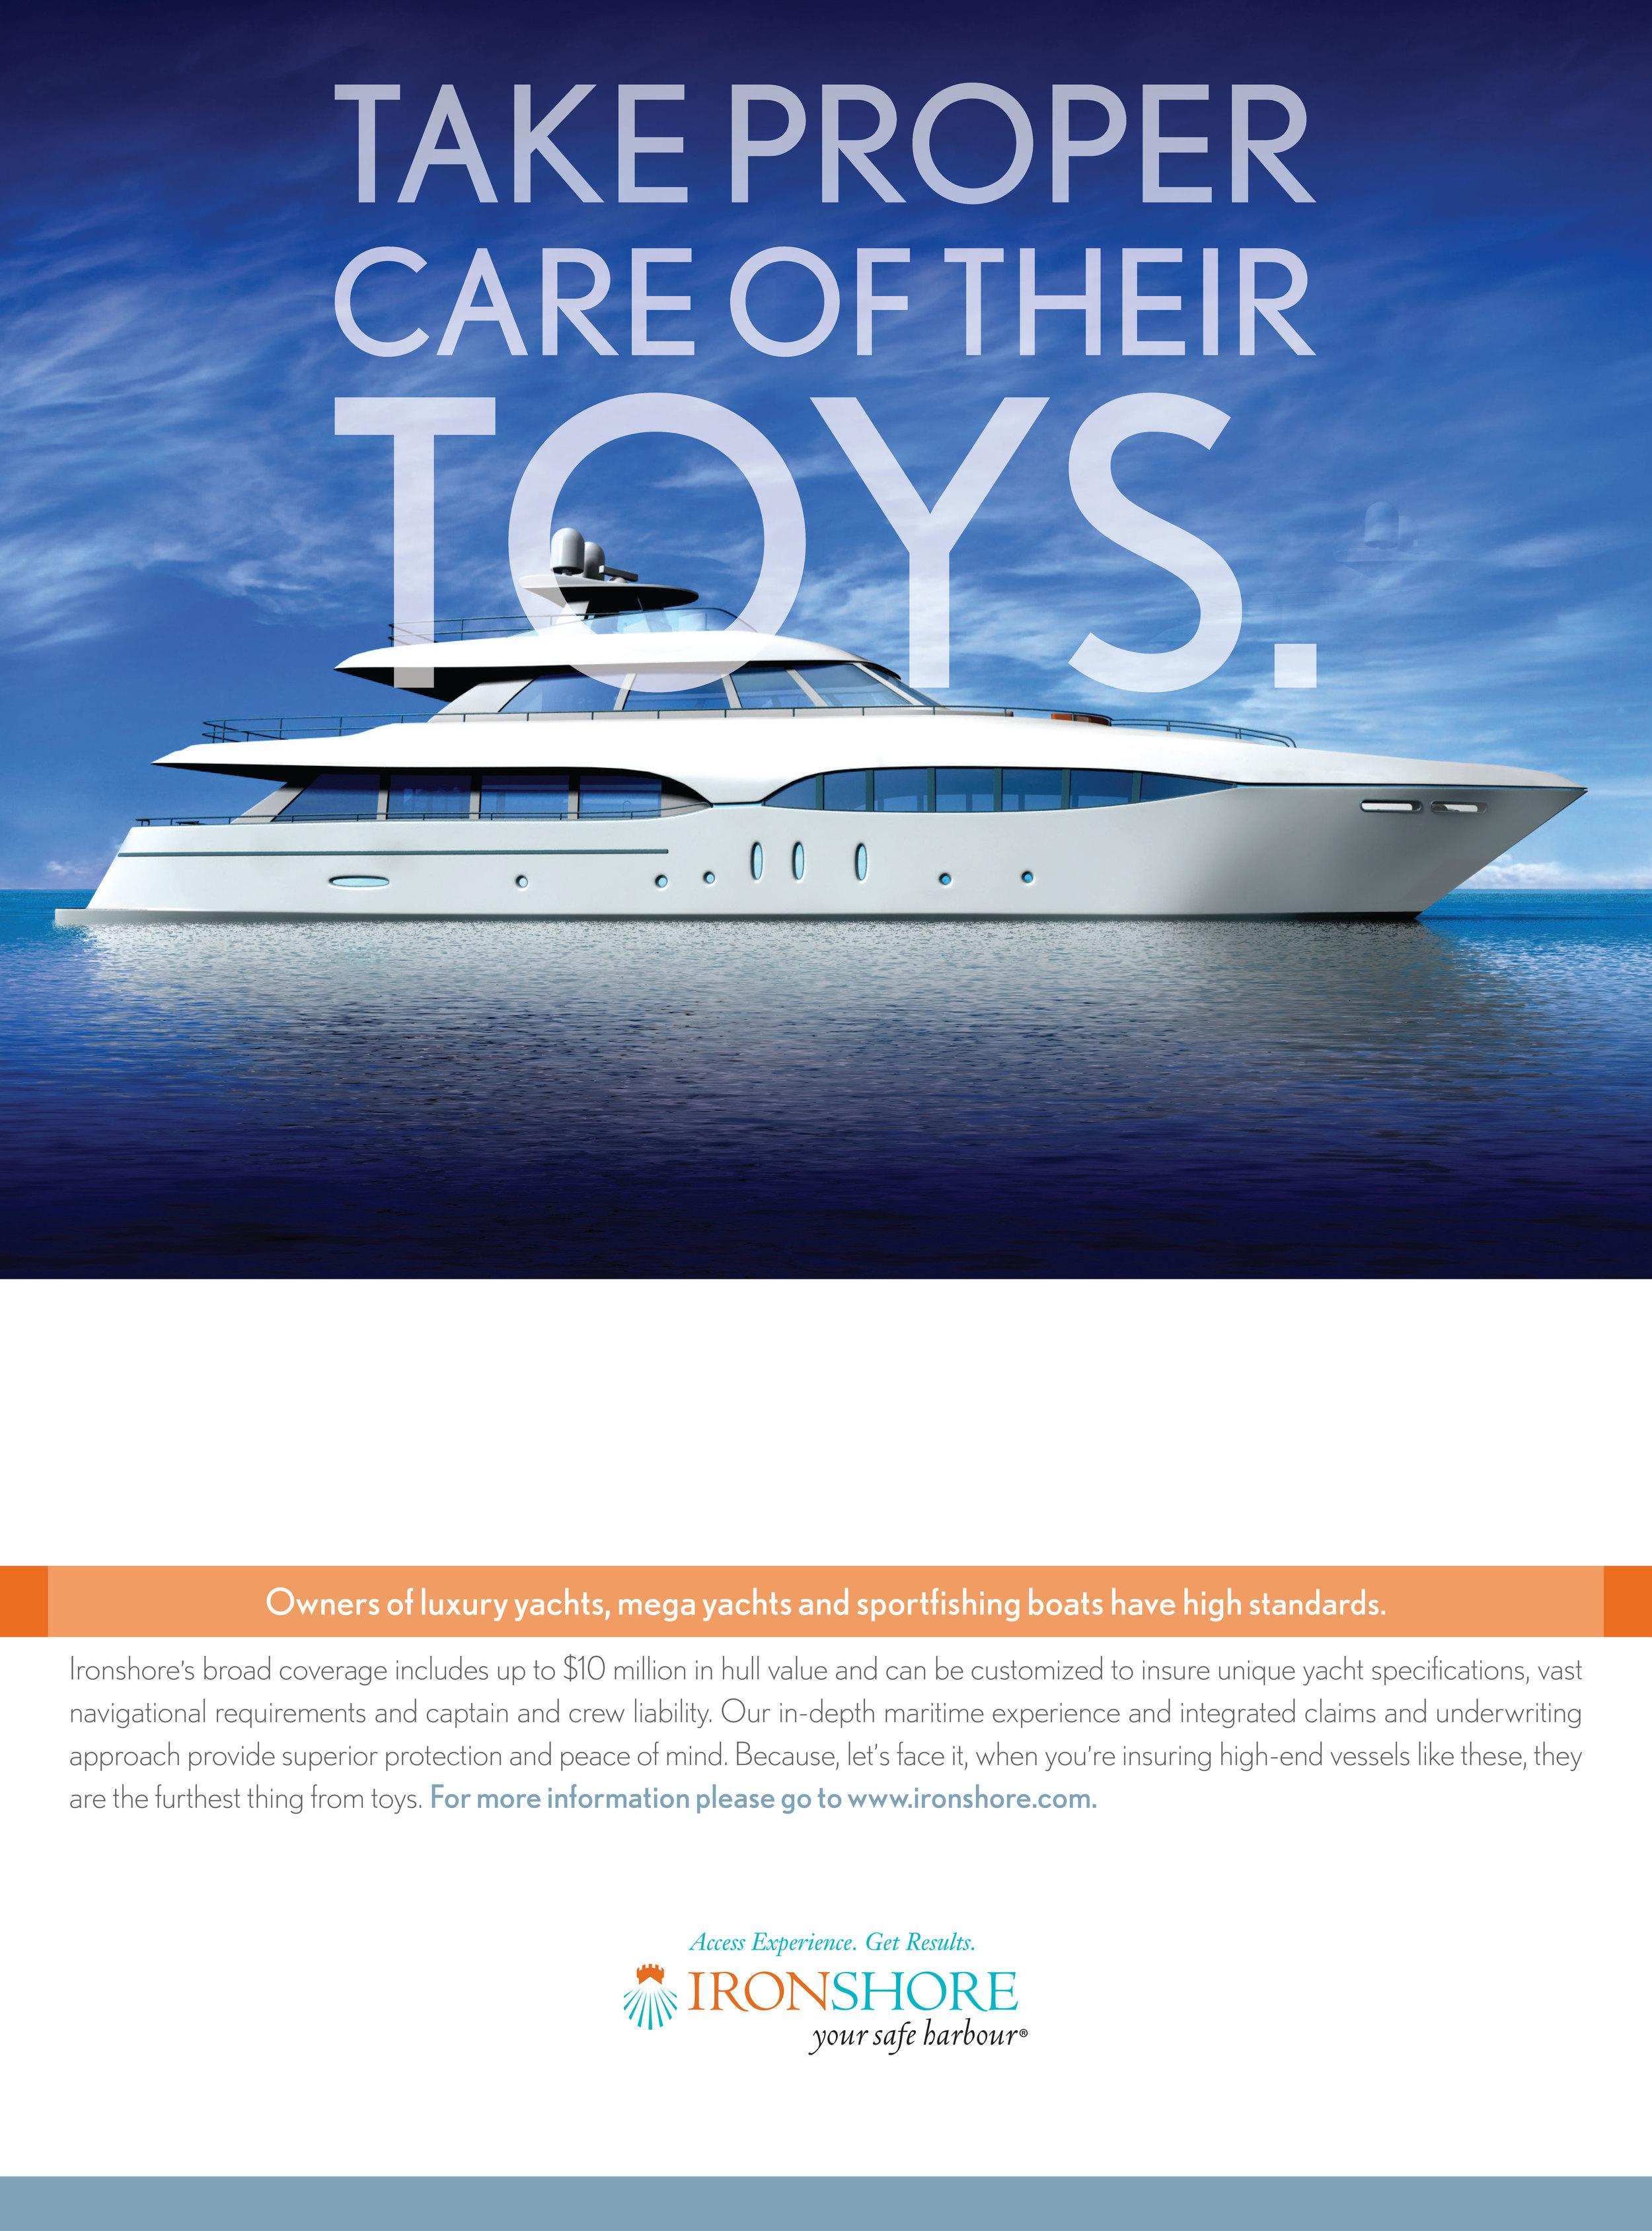 ironshore-insurance-advertising-yacht-marine-coverage.jpg